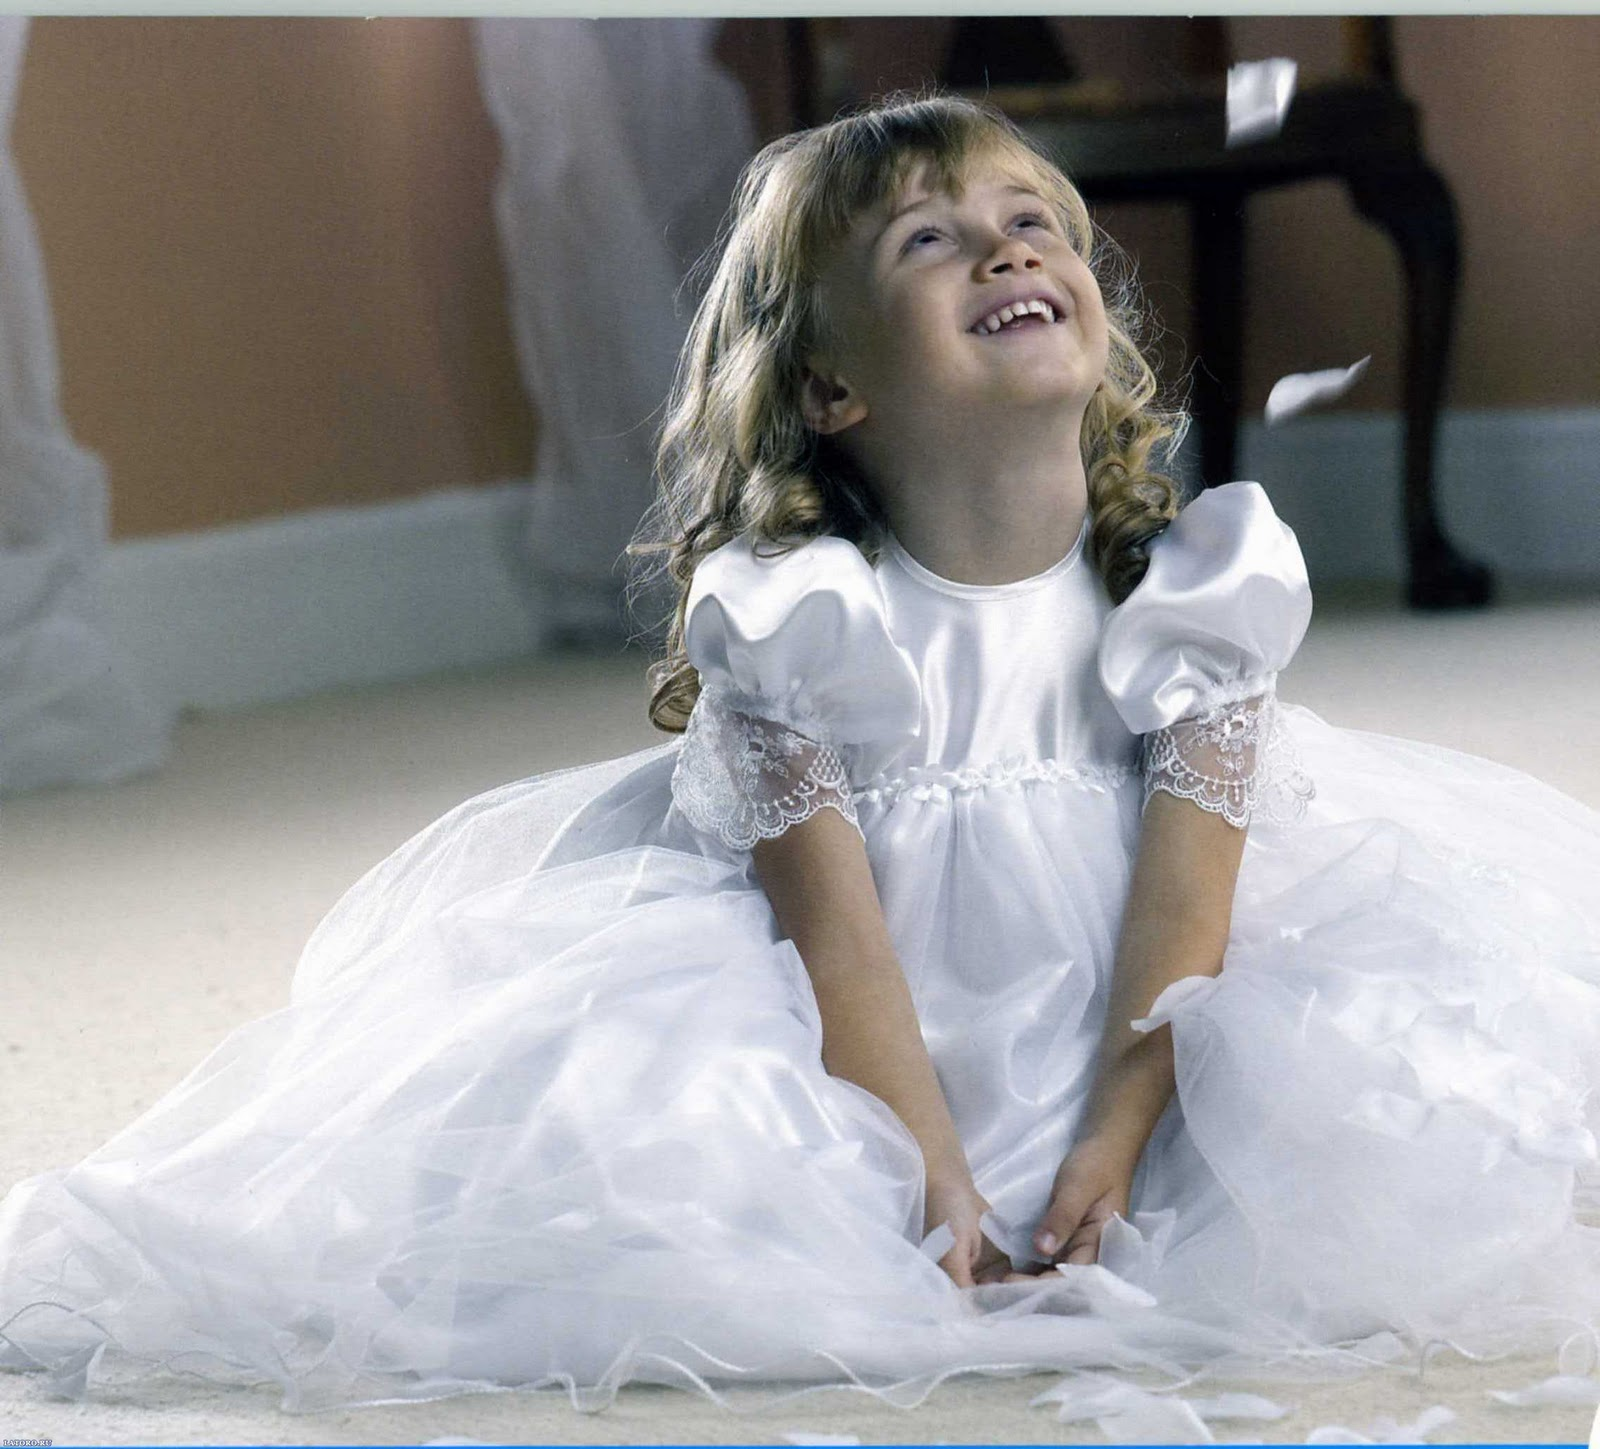 http://2.bp.blogspot.com/_tWeYU17hDgA/TN6PKxL5XgI/AAAAAAAAHdo/eEimDaBzSHg/s1600/10666-desktop-wallpapers-babies.jpg